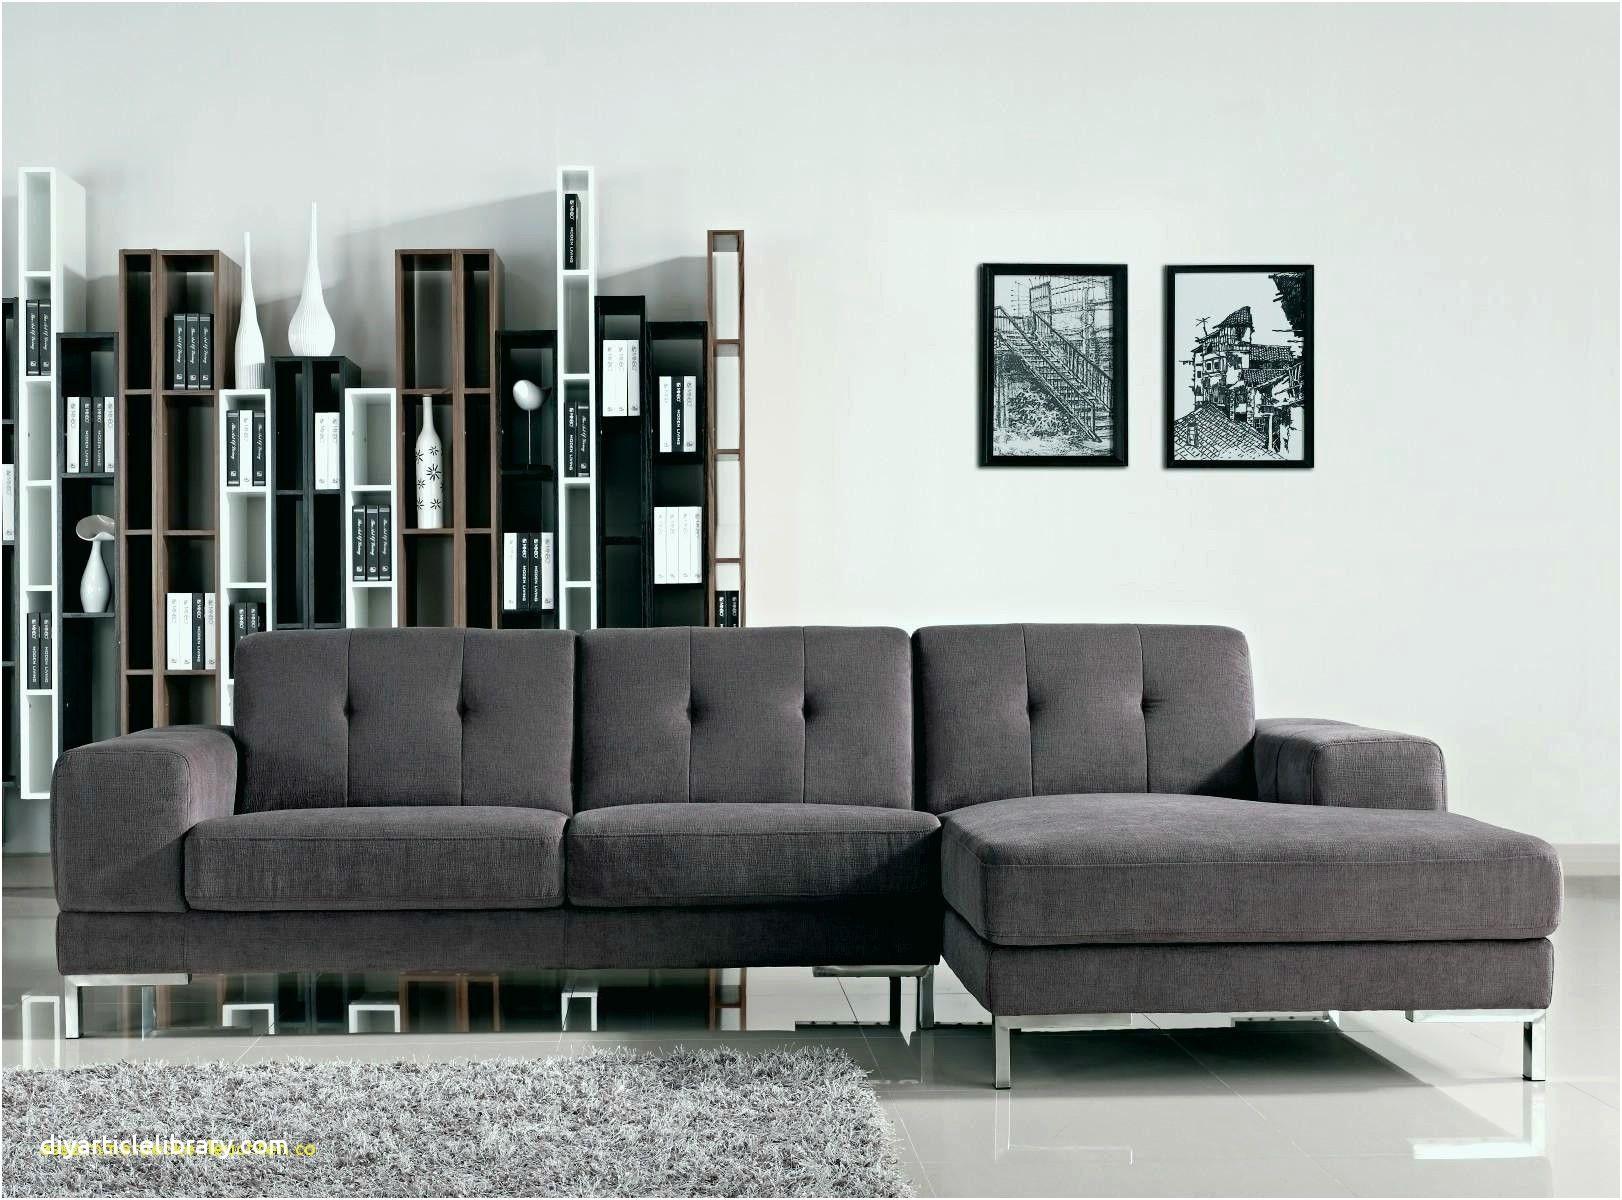 Esszimmer Sofa Ebay Frisch Wohnideen Esszimmer 2 Mit Luxus Awesome Esszimmer Sofa Gebraucht Japanischessofakaufen Joopsofakaufen Sofakaufen Sof Di 2020 Dengan Gambar Modern Sofa